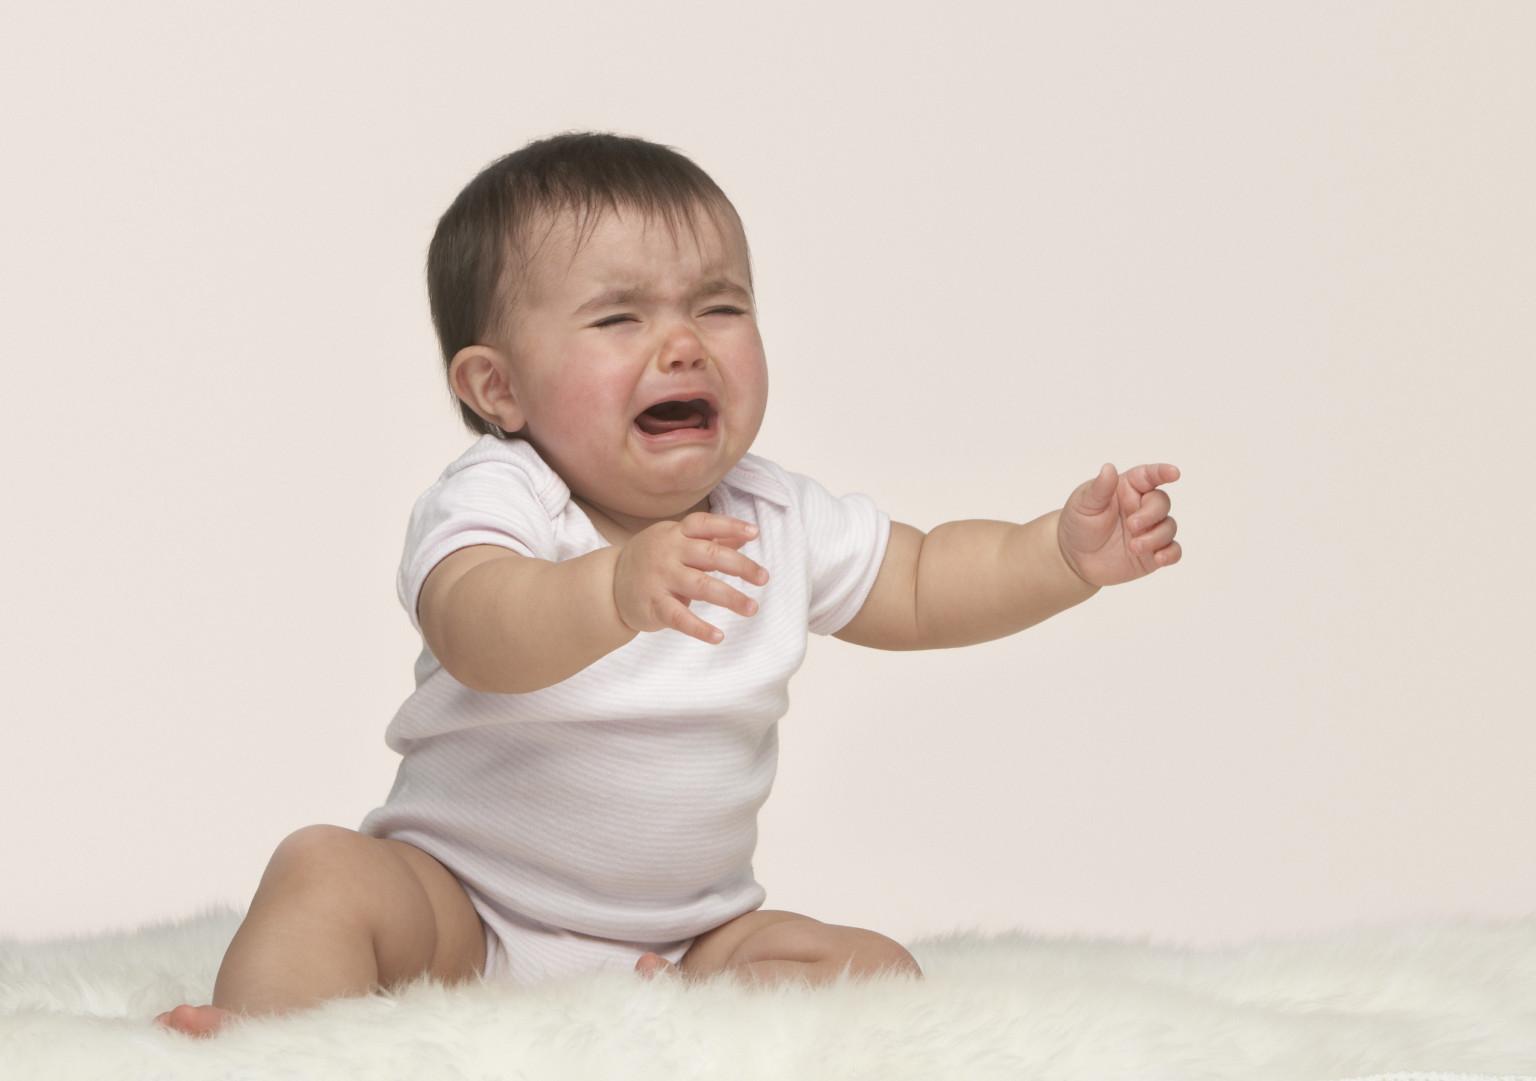 pianto del bebè e i suoi significati